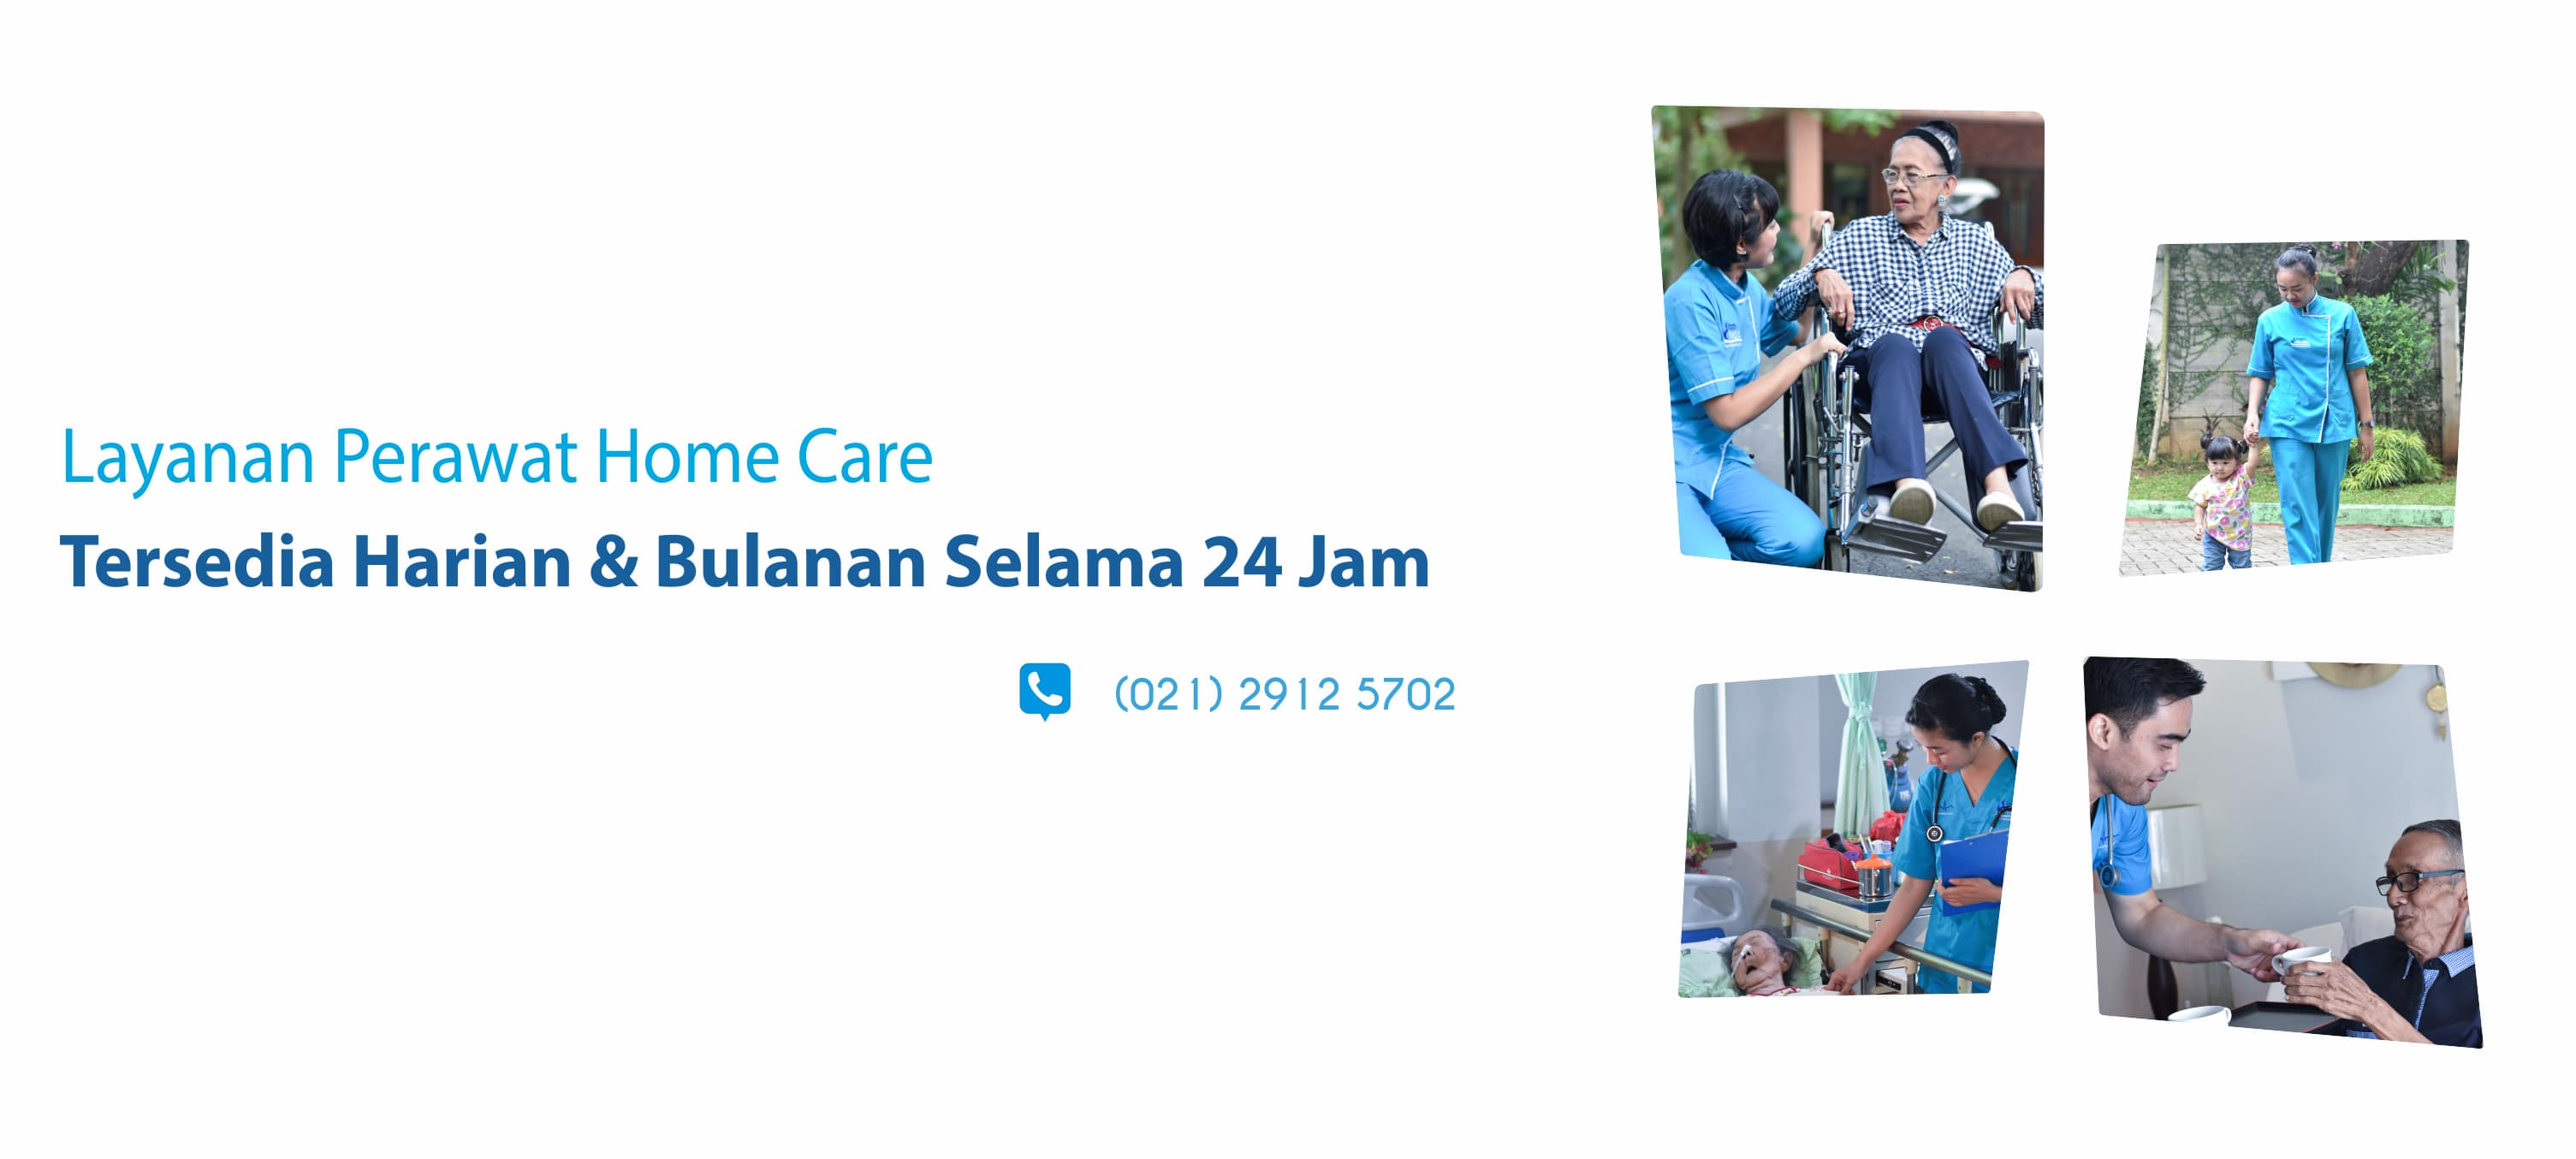 Kami memiliki Layanan Perawat Home Care 24 Jam meliputi layanan perawat medis, perawat lansia, perawat orang sakit, perawat anak